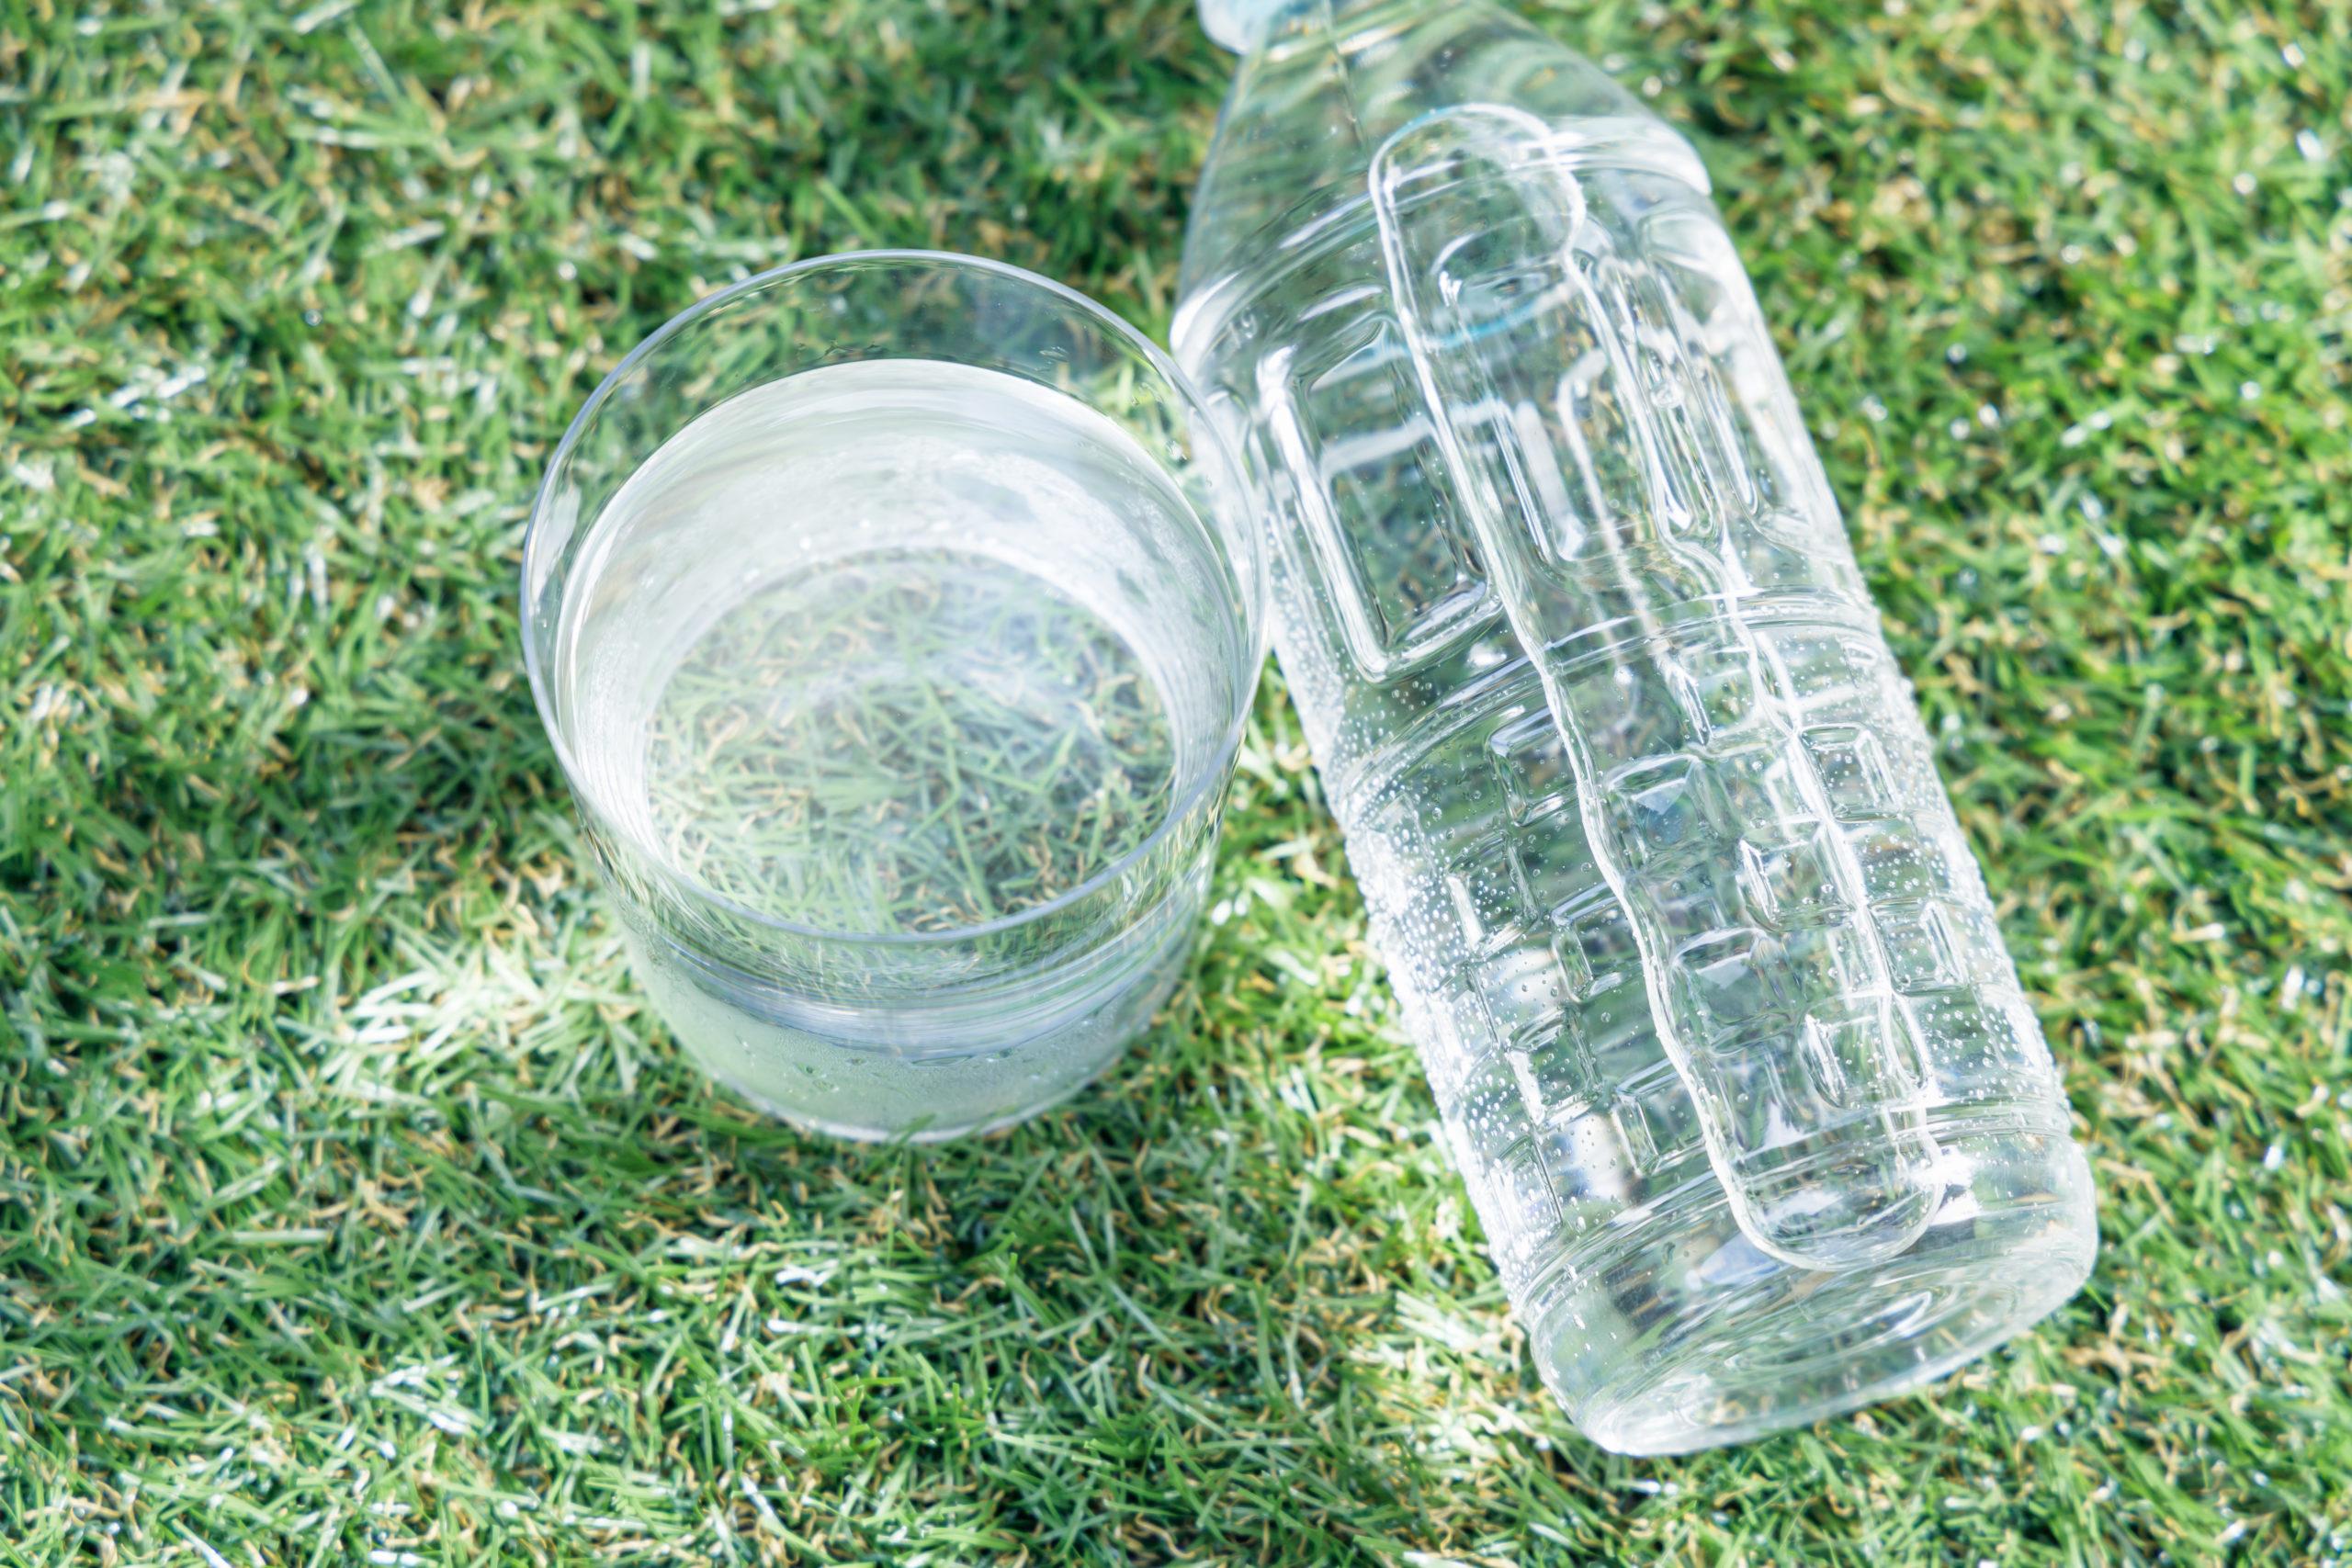 熱中症対策は食事と飲料から!自宅でできる簡単予防法もご紹介